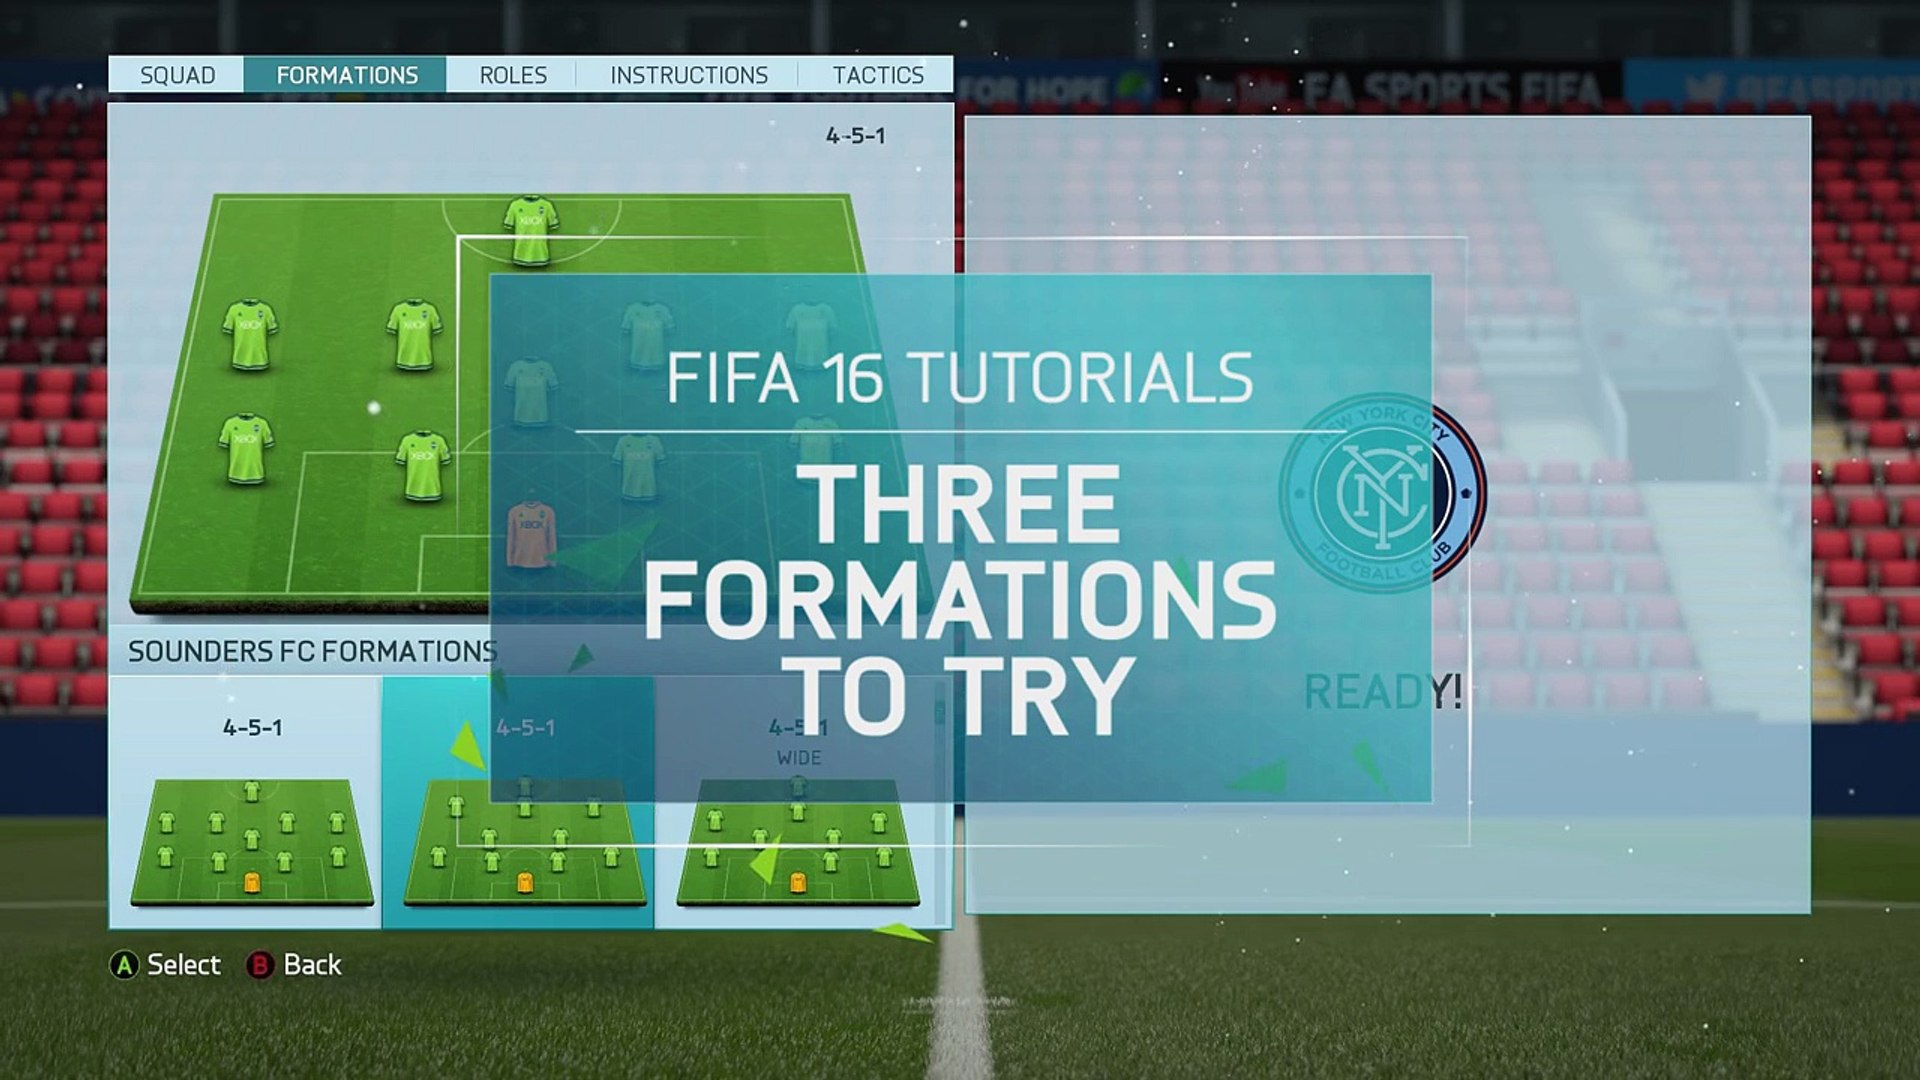 FIFA 16 Tutorials - Formations